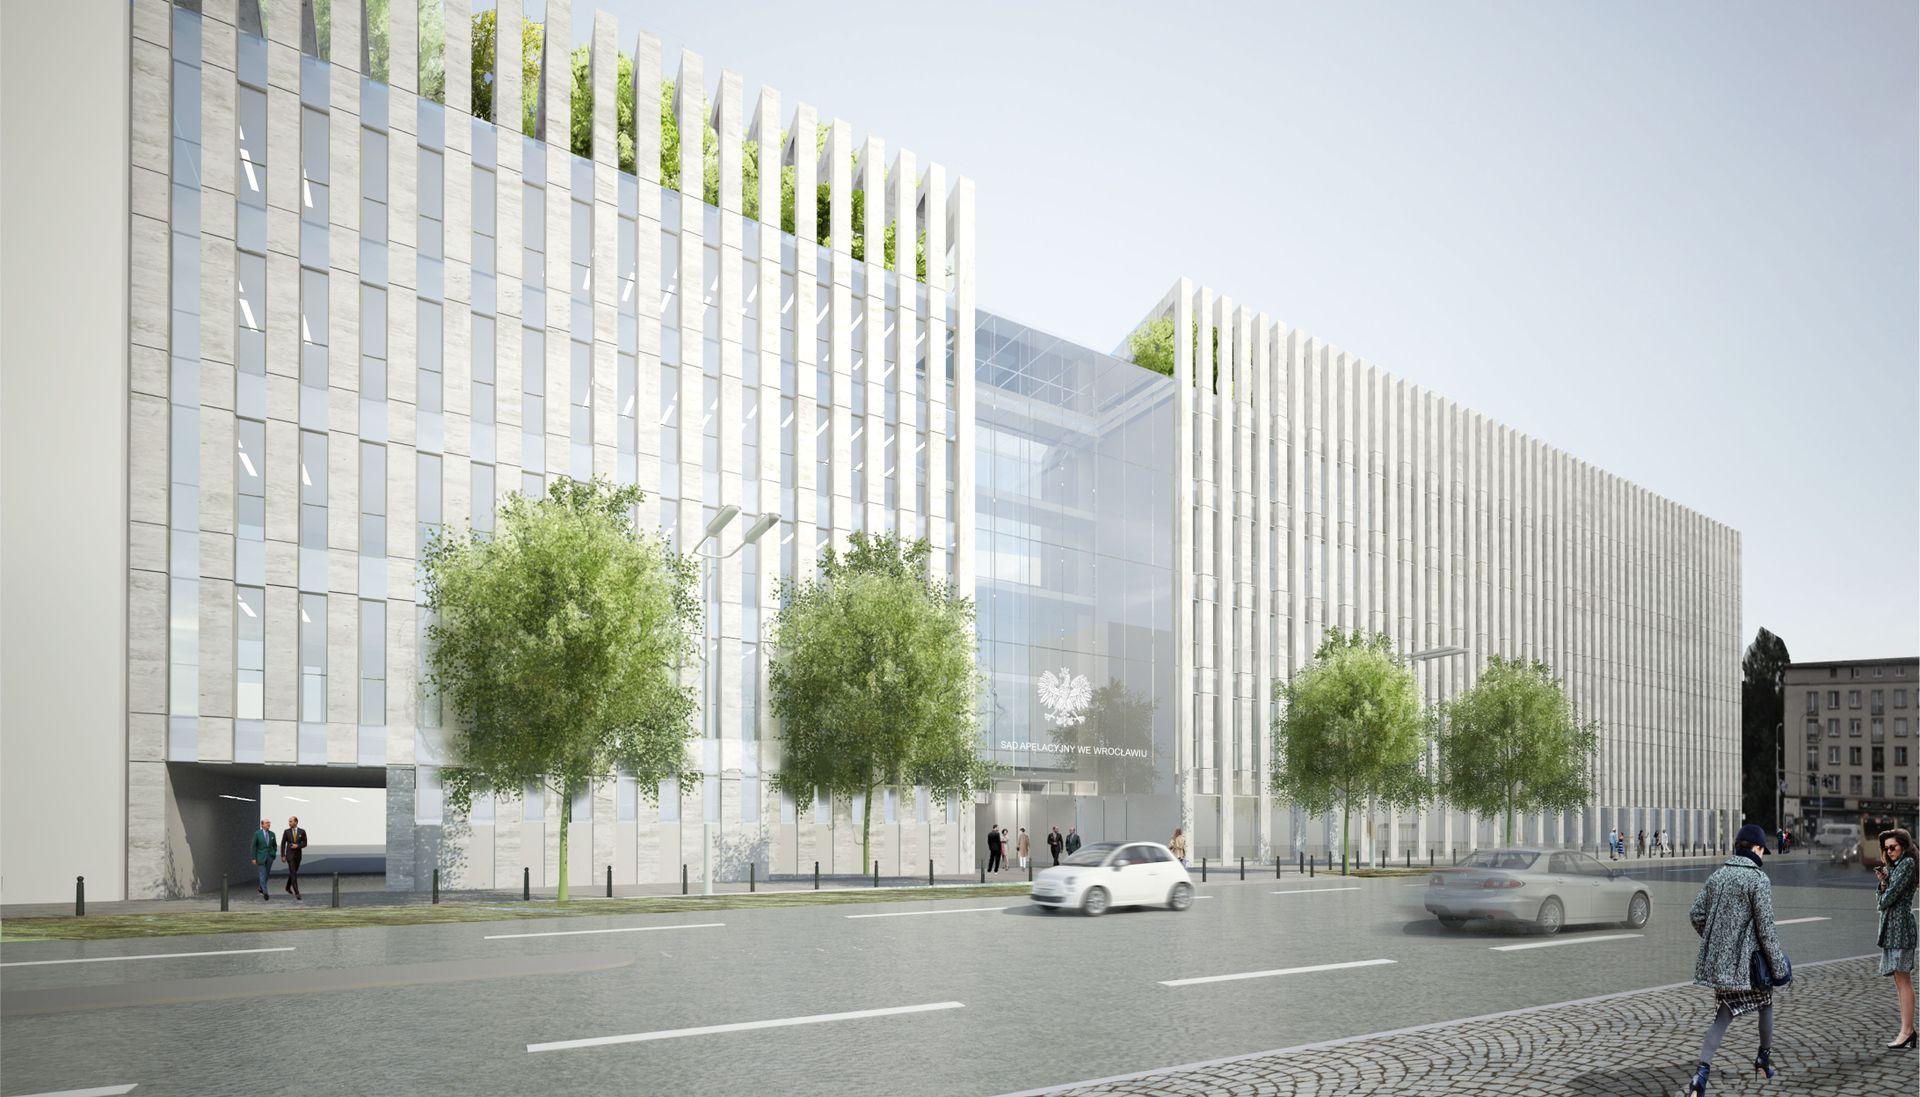 W centrum Wrocławia ruszyła budowa nowej siedziby Sądu Apelacyjnego [ZDJĘCIA + WIZUALIZACJE]